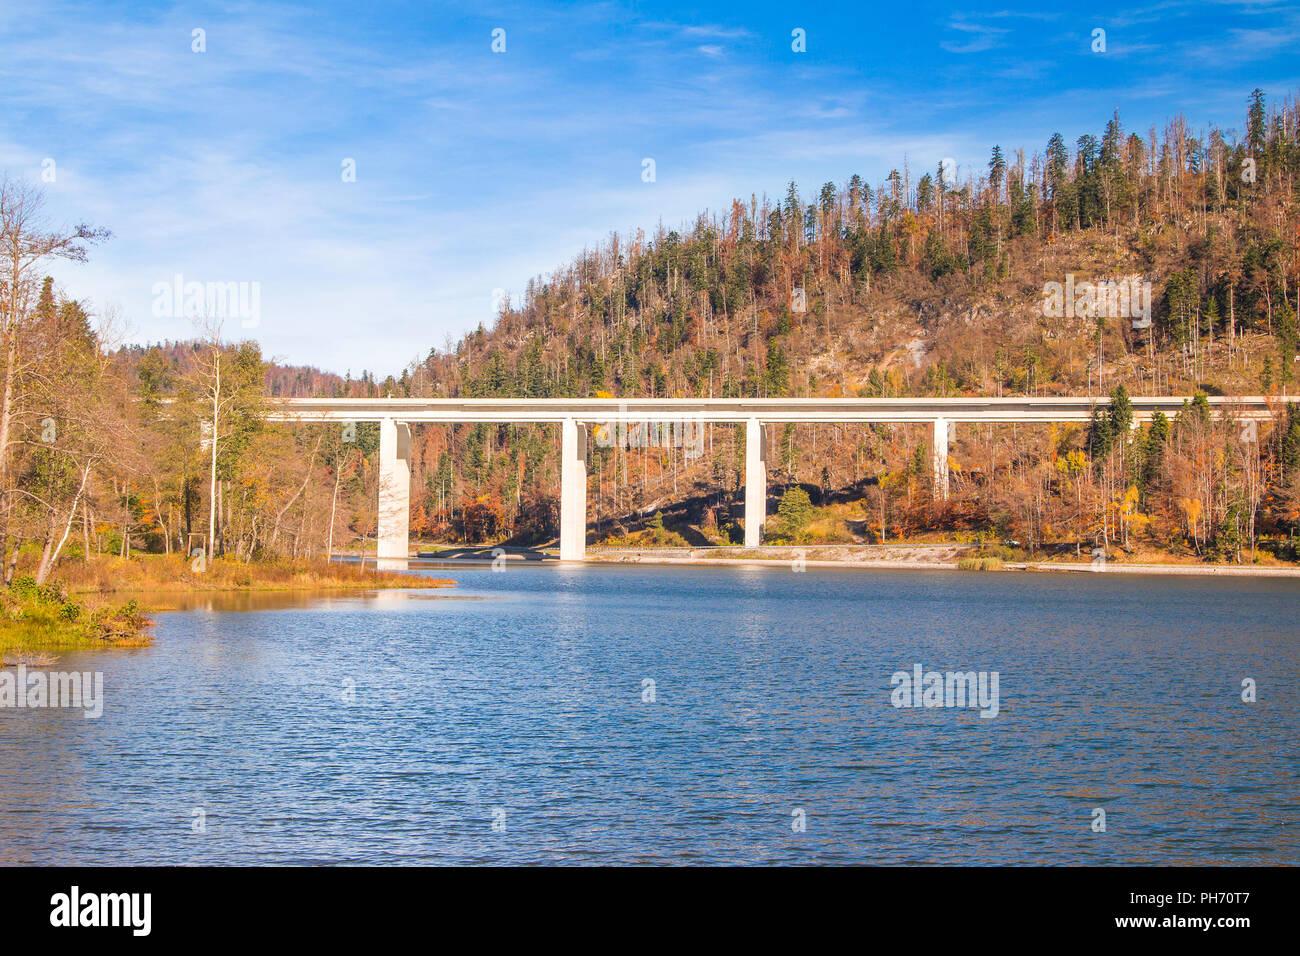 Bridge over the Bajer Lake in Fuzine, Gorski kotar, Croatia Stock Photo